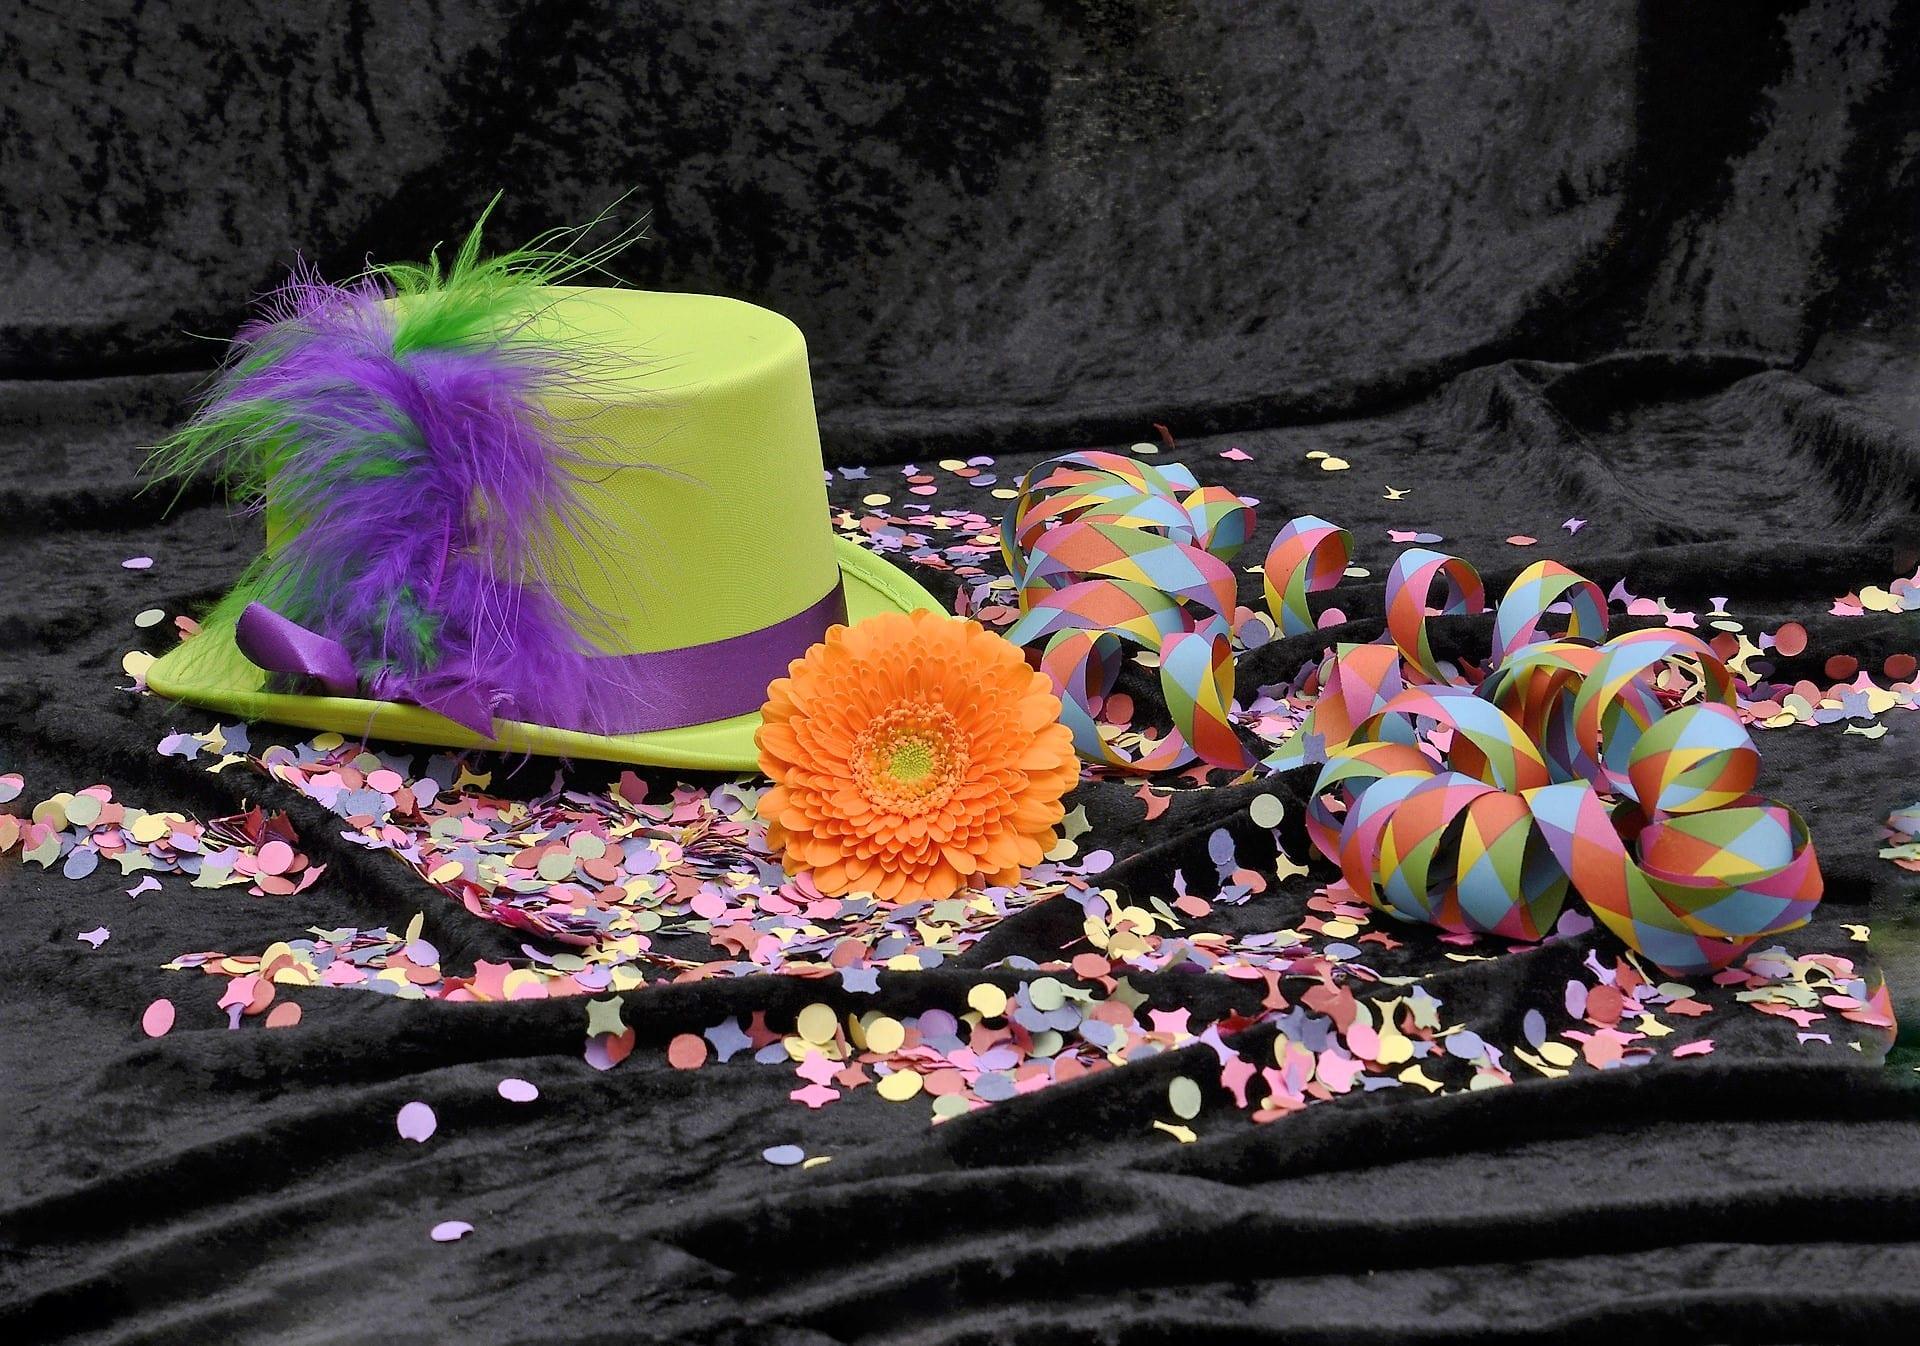 Faschingskostüme für Partymäuse, Verkleidungen, Ideen, Karneval, Fasching